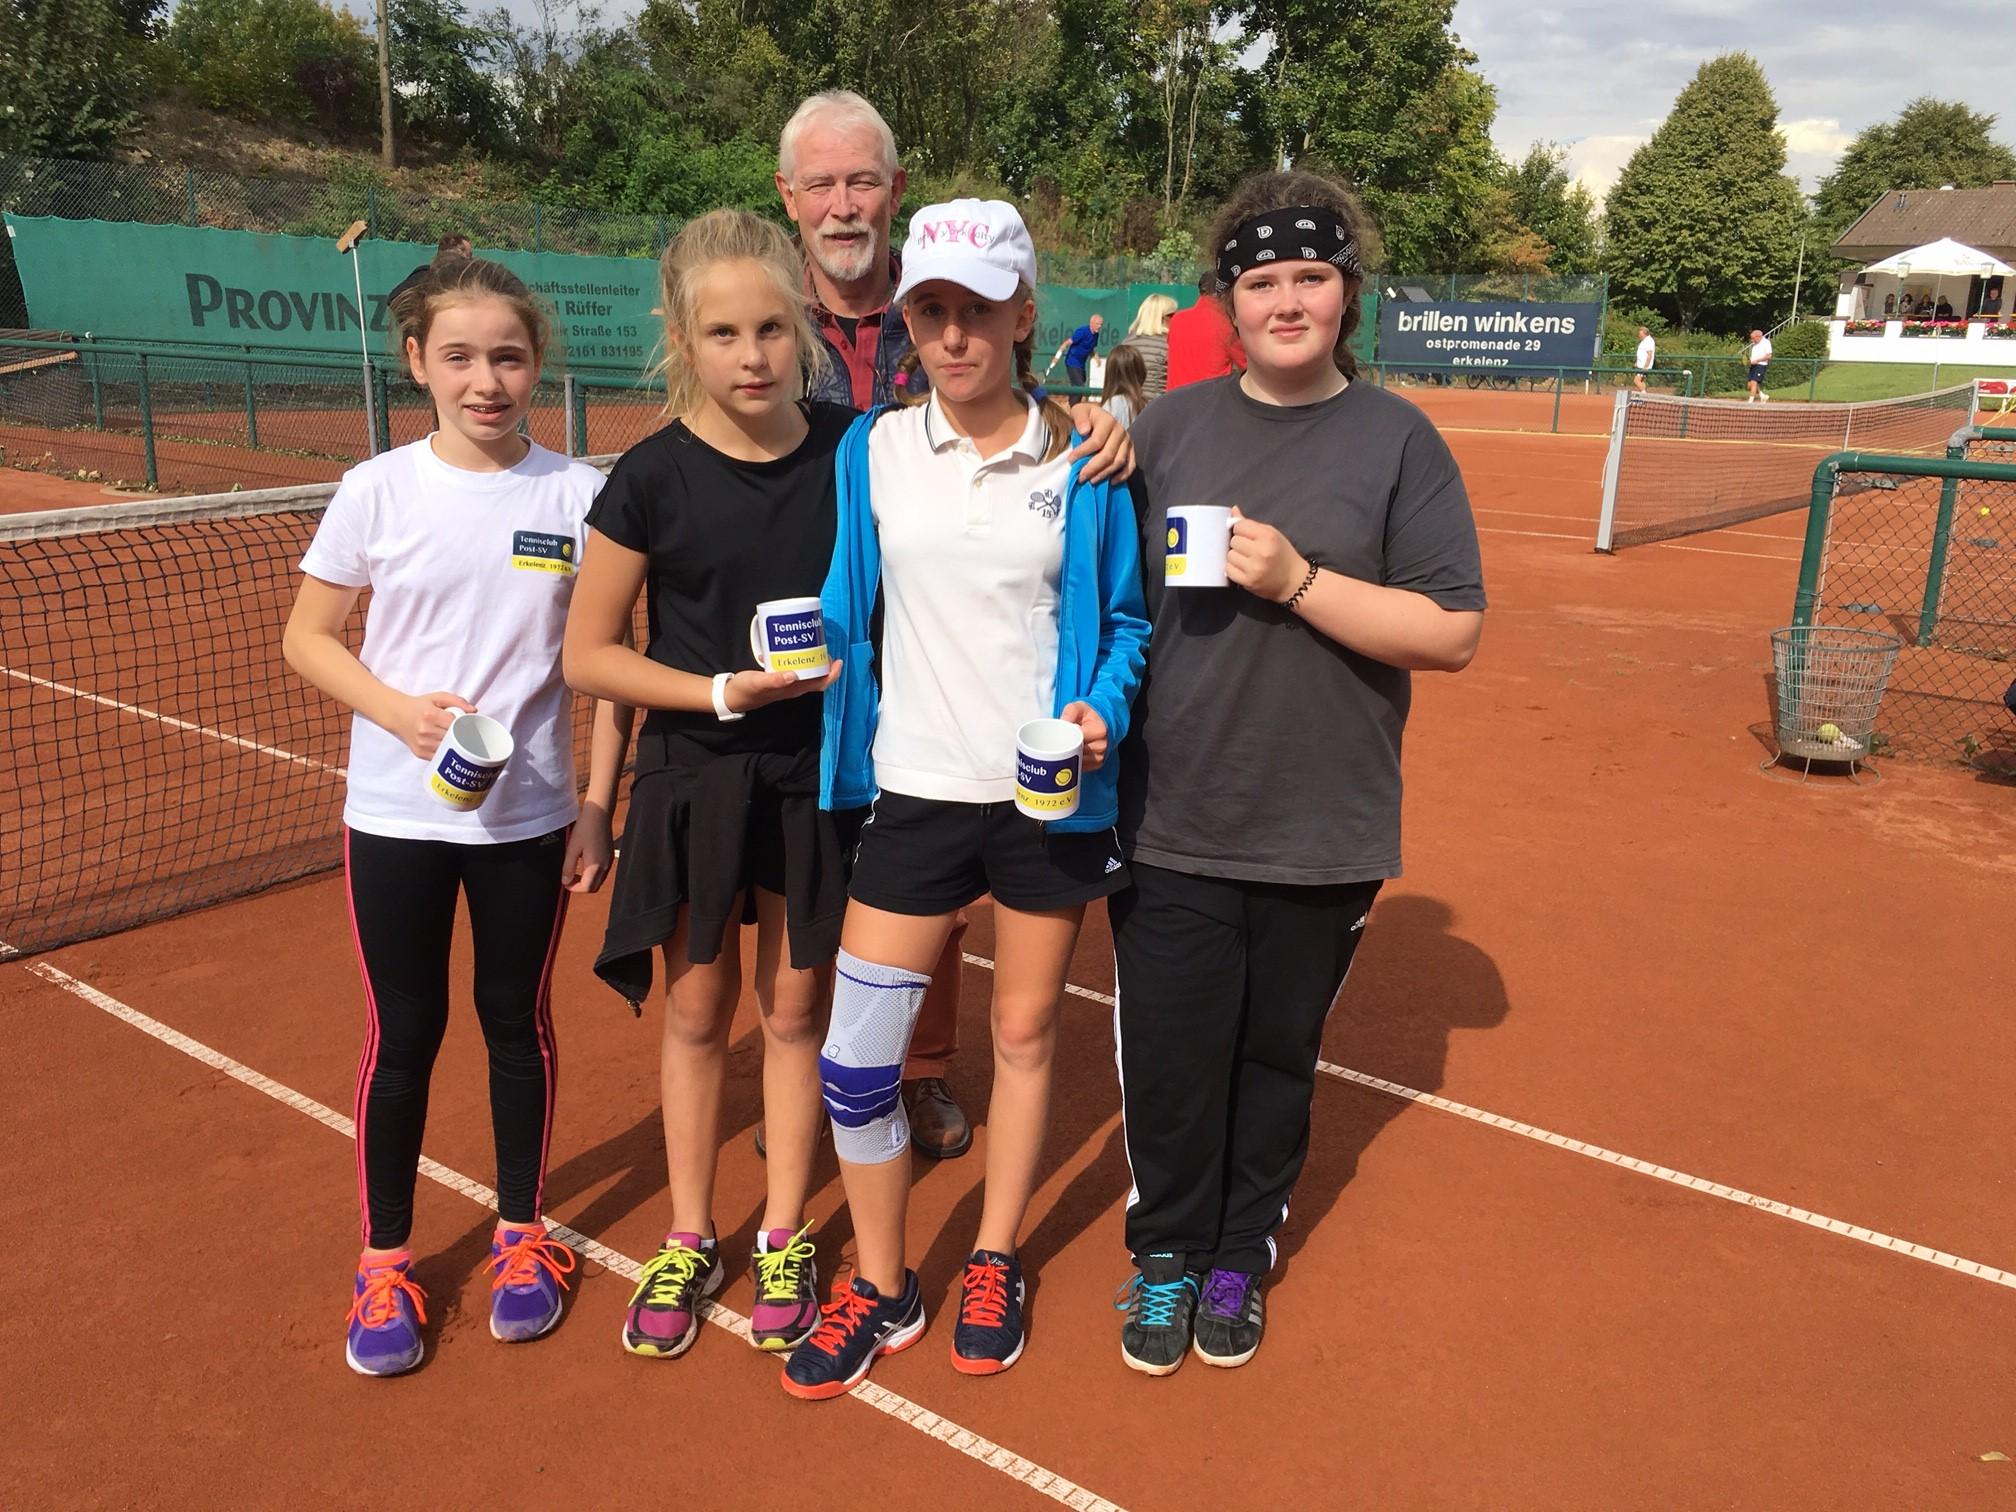 v.l. Lena Storms, Lina Valley, Rüdiger Röttger, Emily Wink, Hanna Lehmann-Weingärtner